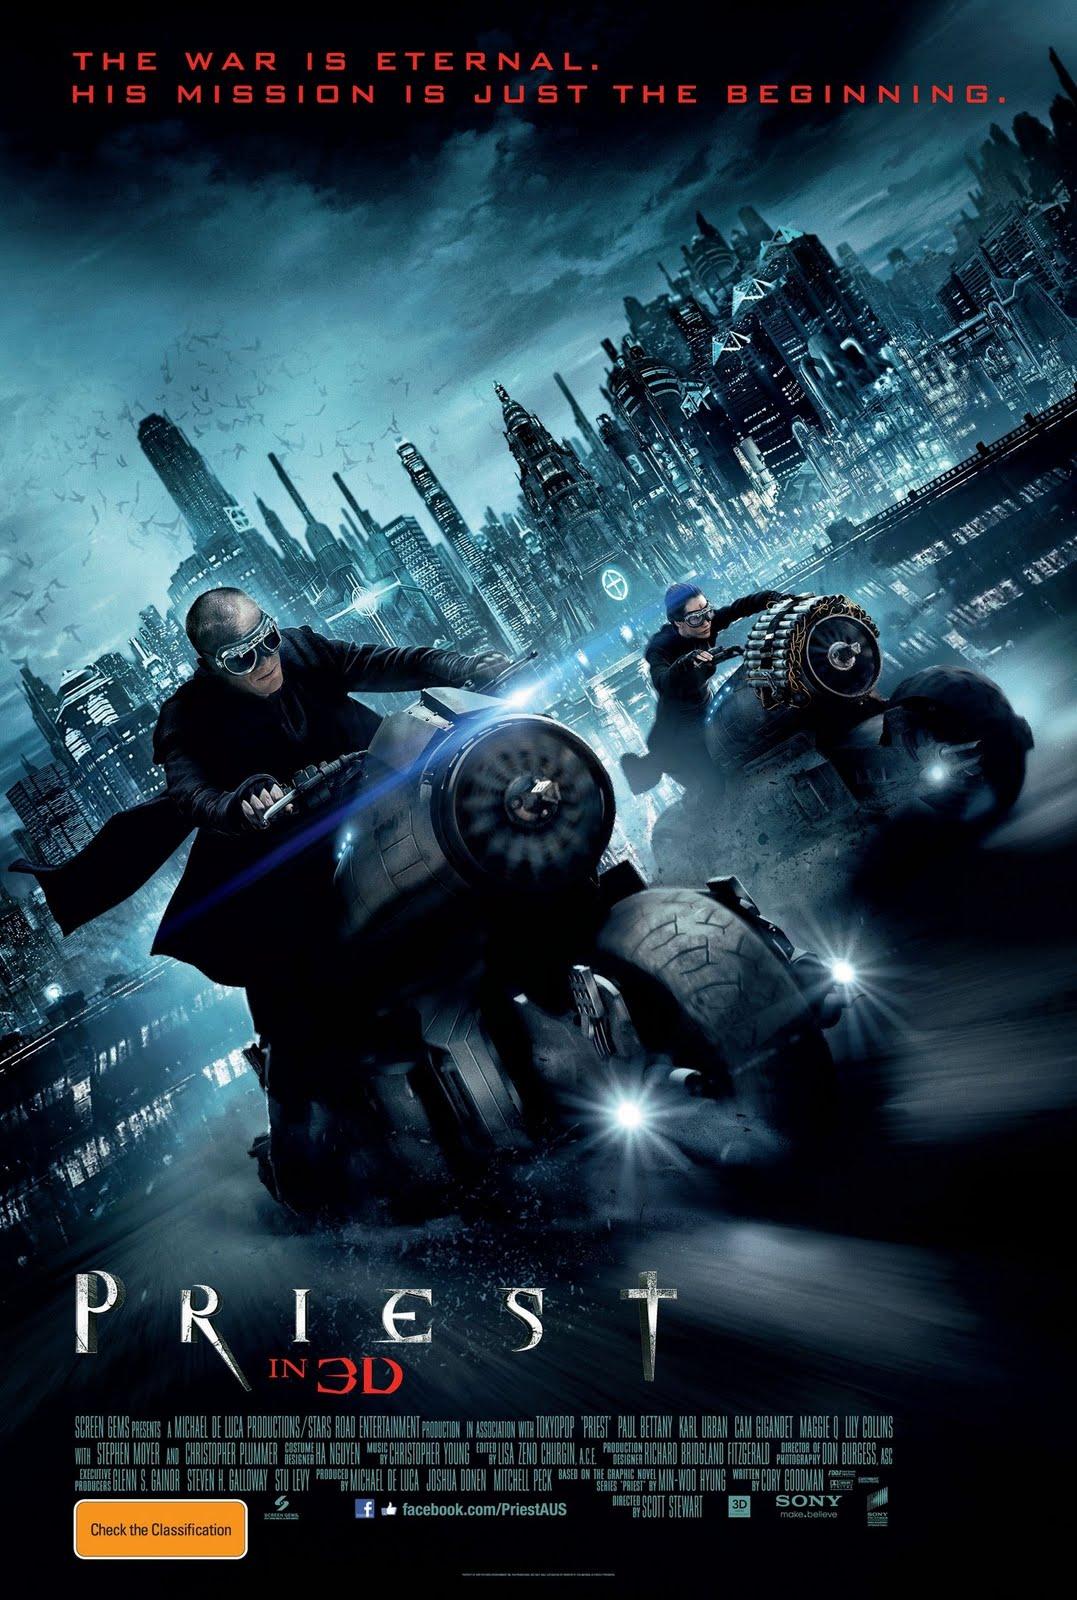 http://1.bp.blogspot.com/-mRHACGDcbDs/TZu5d3dIwEI/AAAAAAAAAEc/edrmqF2opJ0/s1600/Priest%2BAustralian%2BPoster.jpg